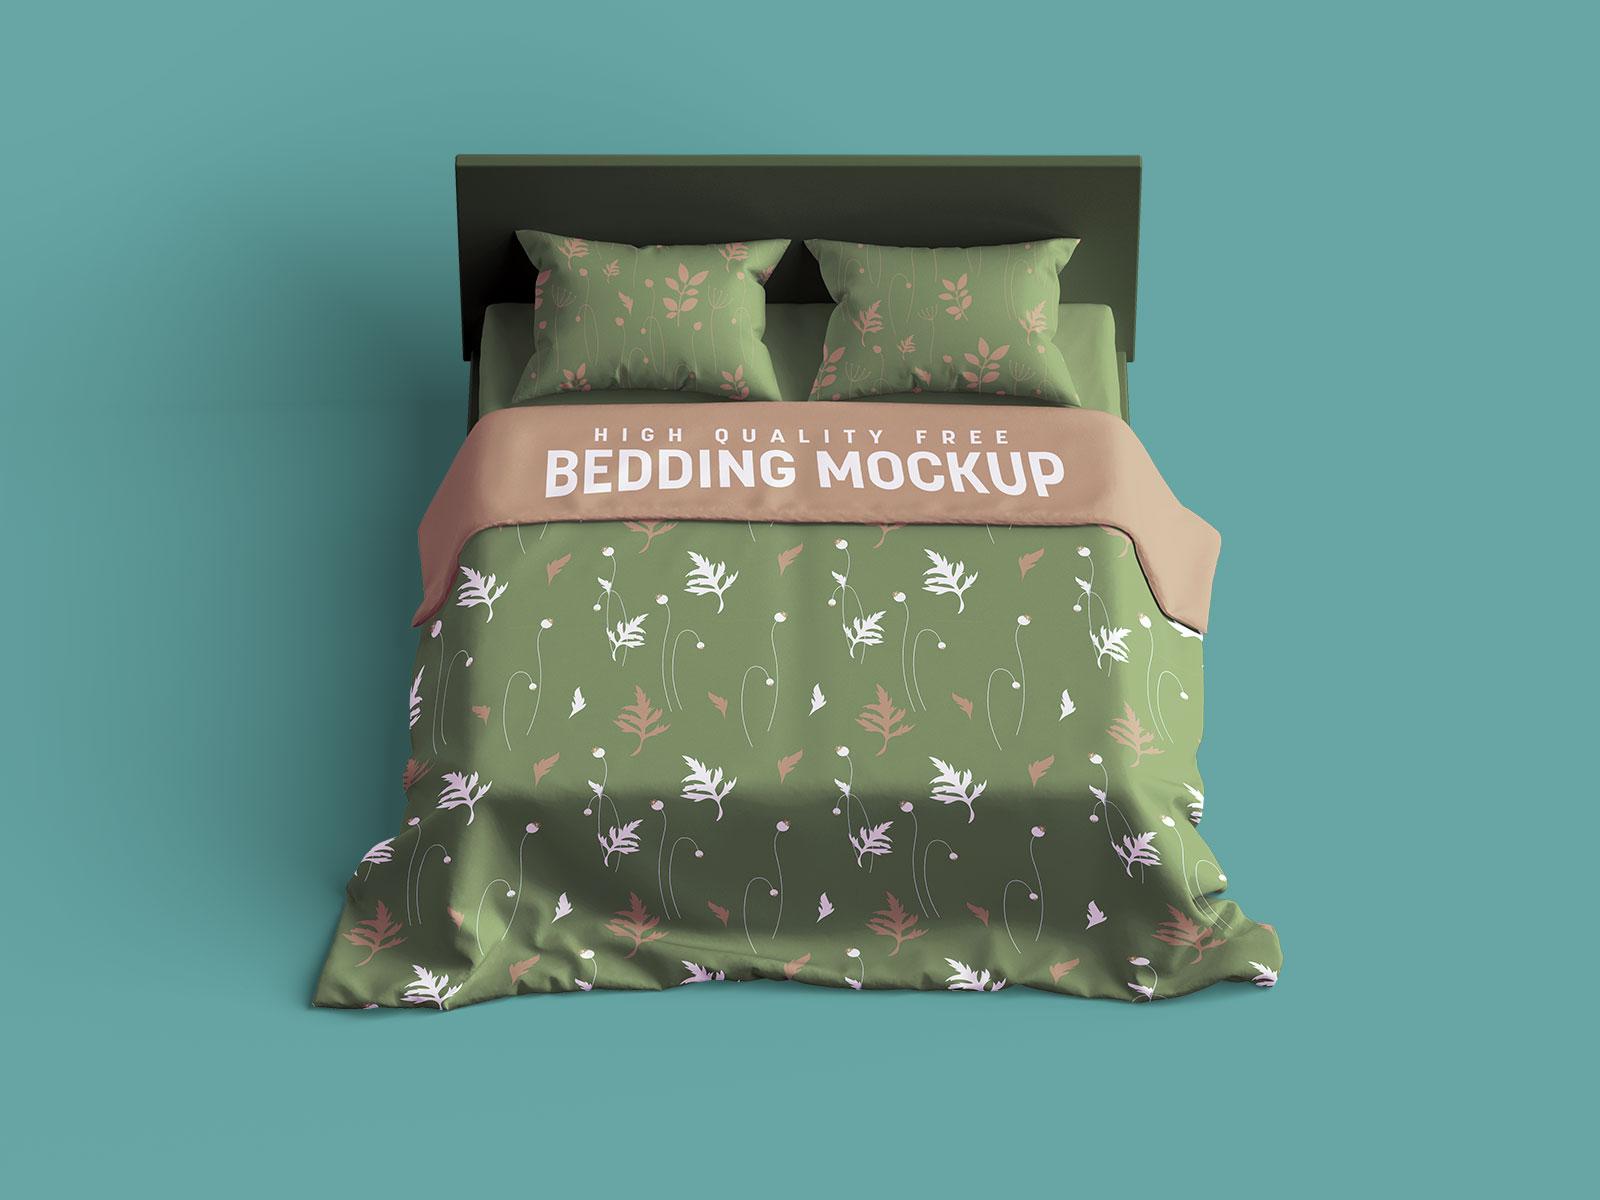 Free Bedding & Bed Linen Mockup PSD Set